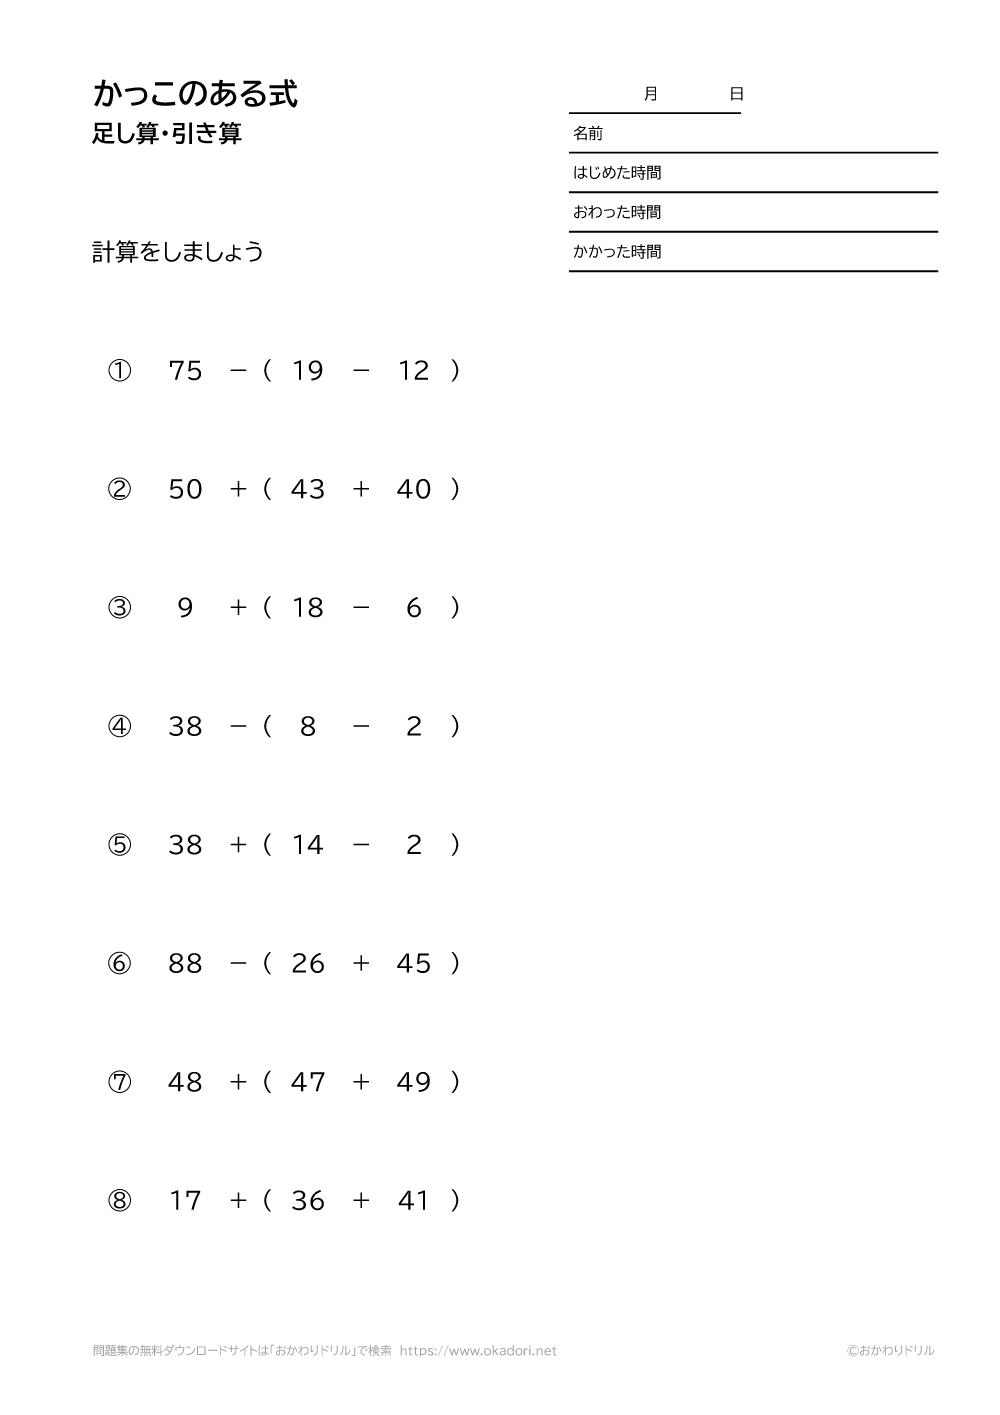 かっこのある式-足し算・引き算-4